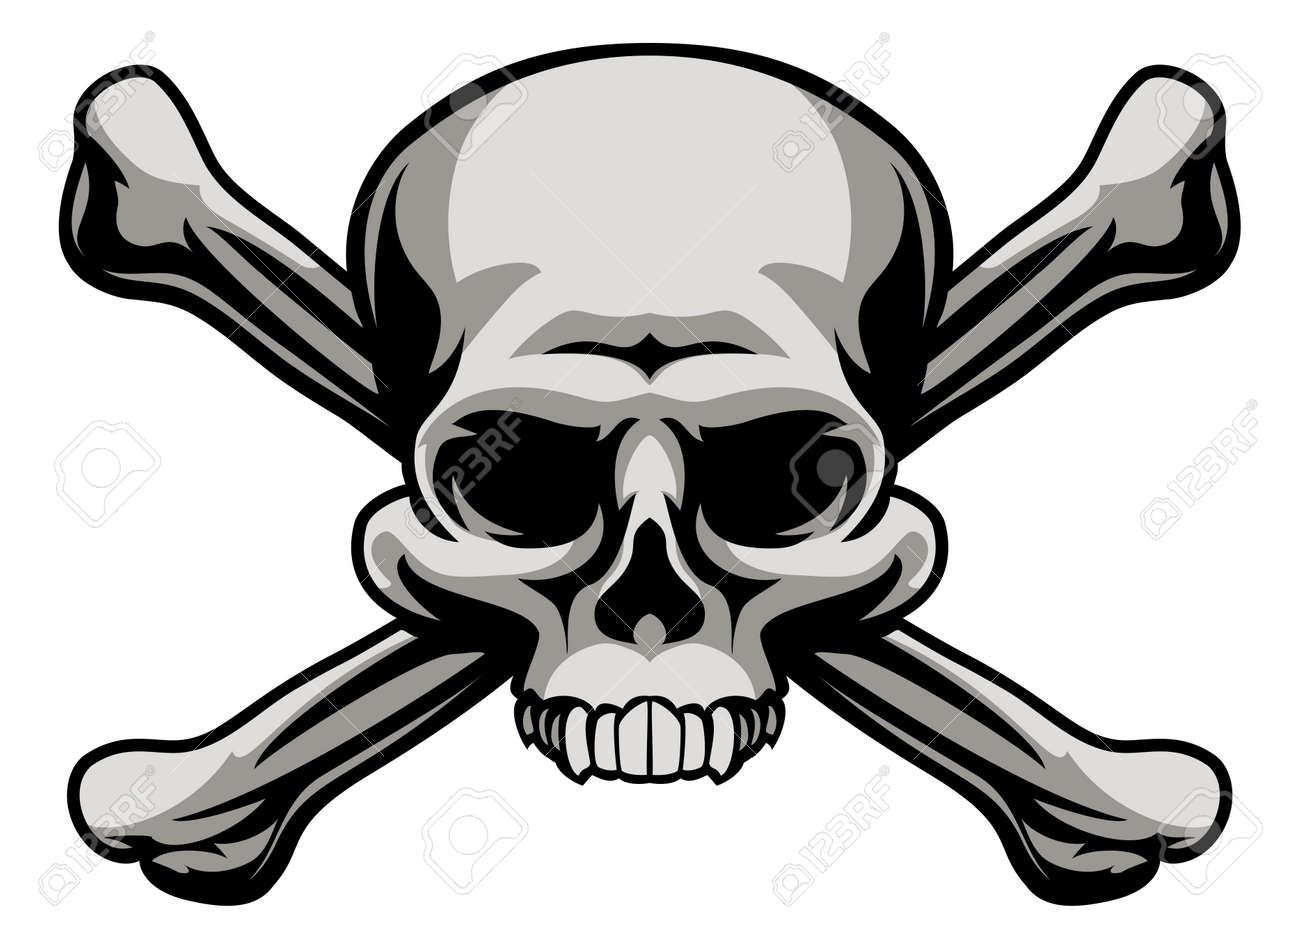 a skull and crossbones illustration like a pirates jolly roger rh 123rf com  jolly roger flag clipart